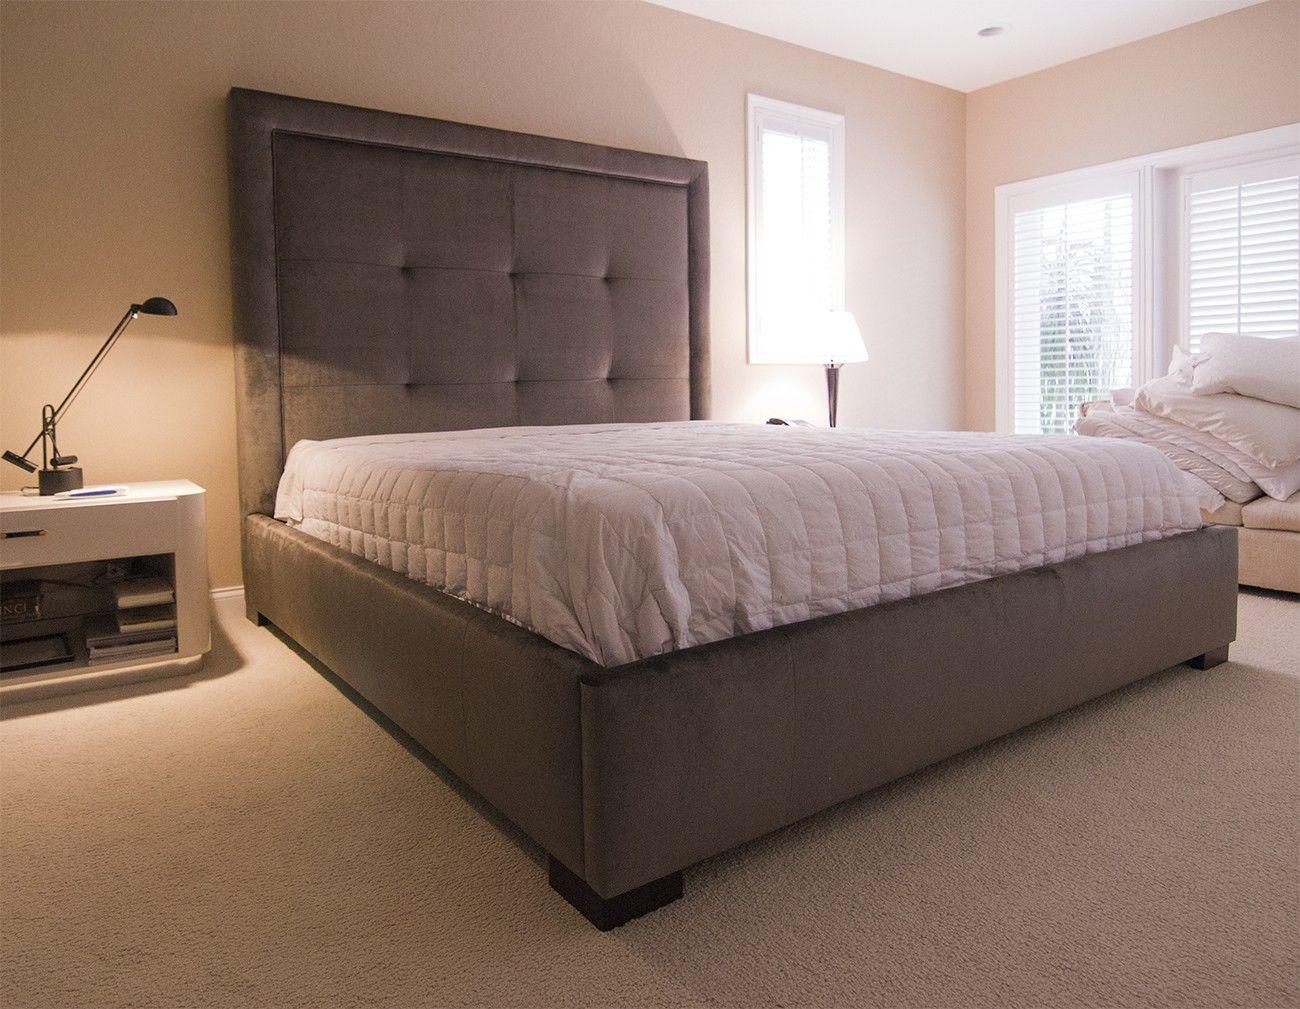 King Size High Plattform Bett (mit Bildern) Kopfteile